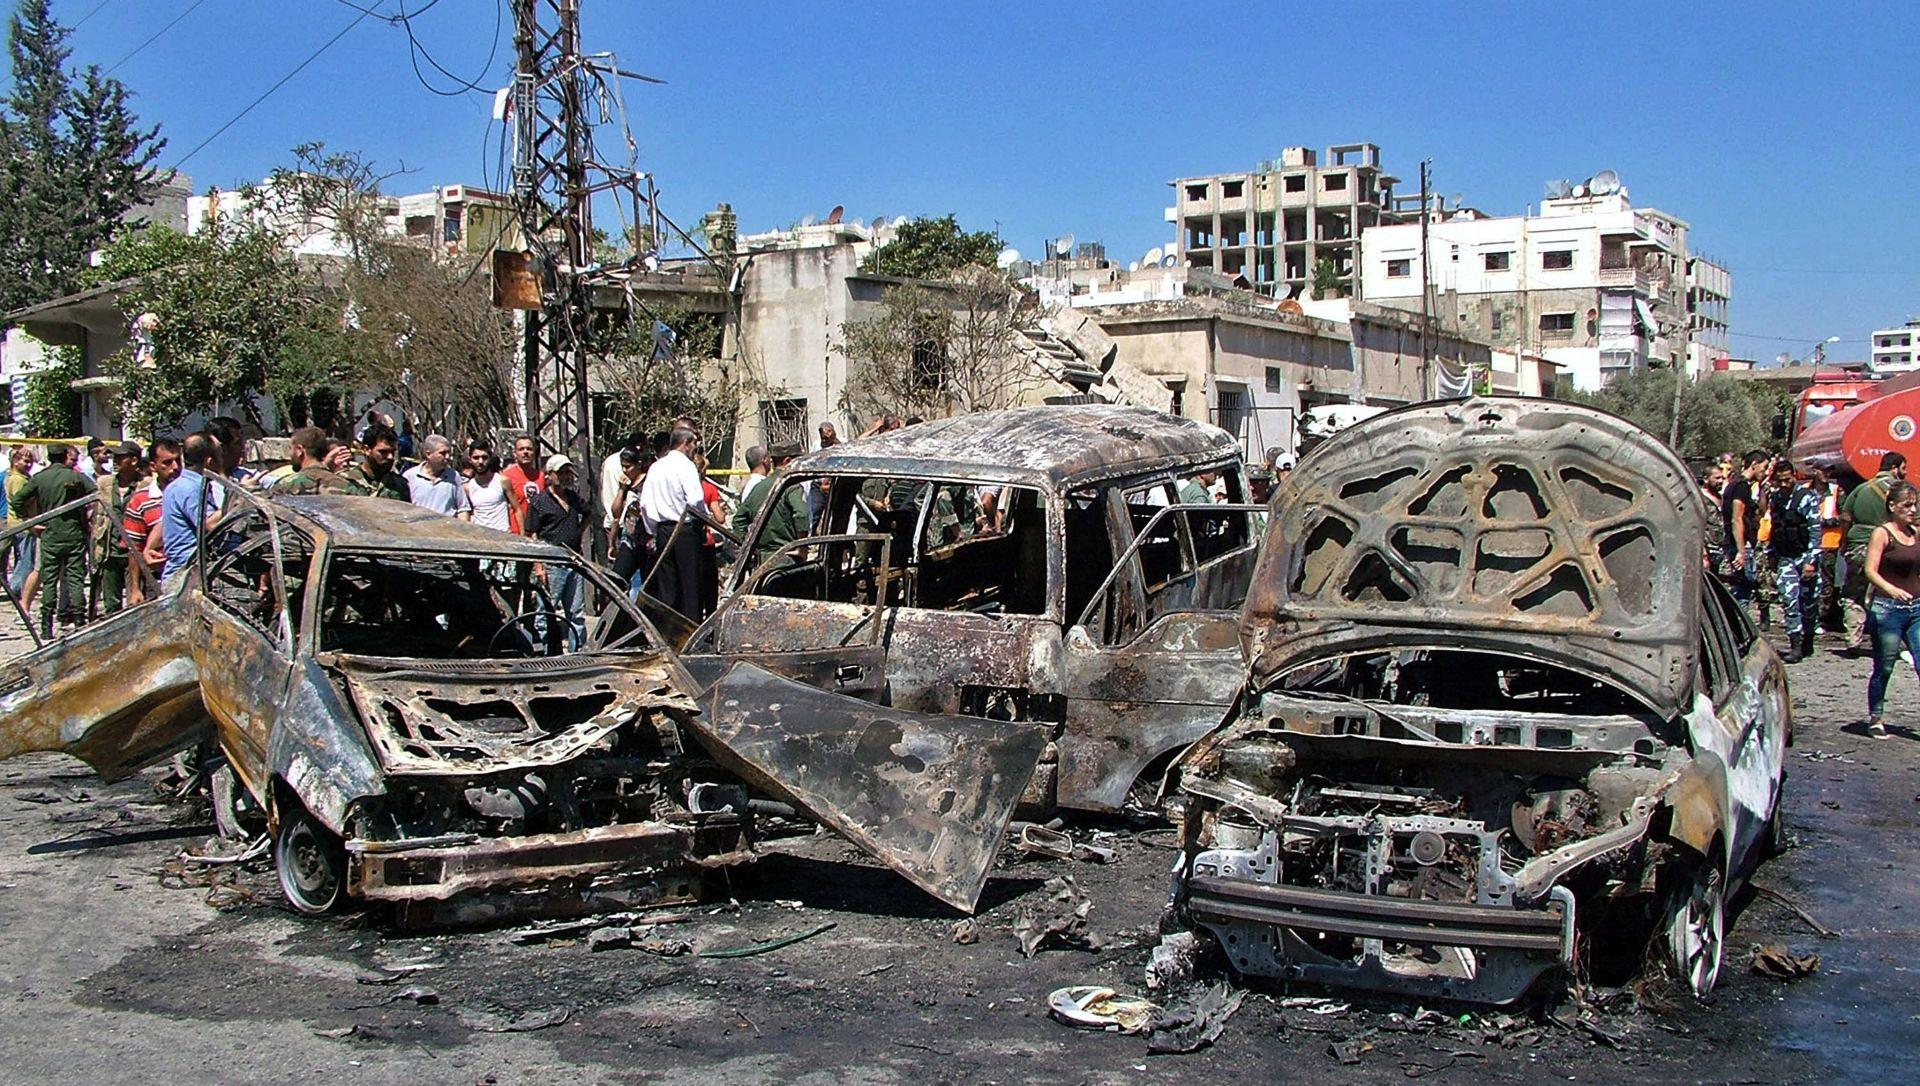 Irak: U napadima auto bombama poginulo 37 ljudi